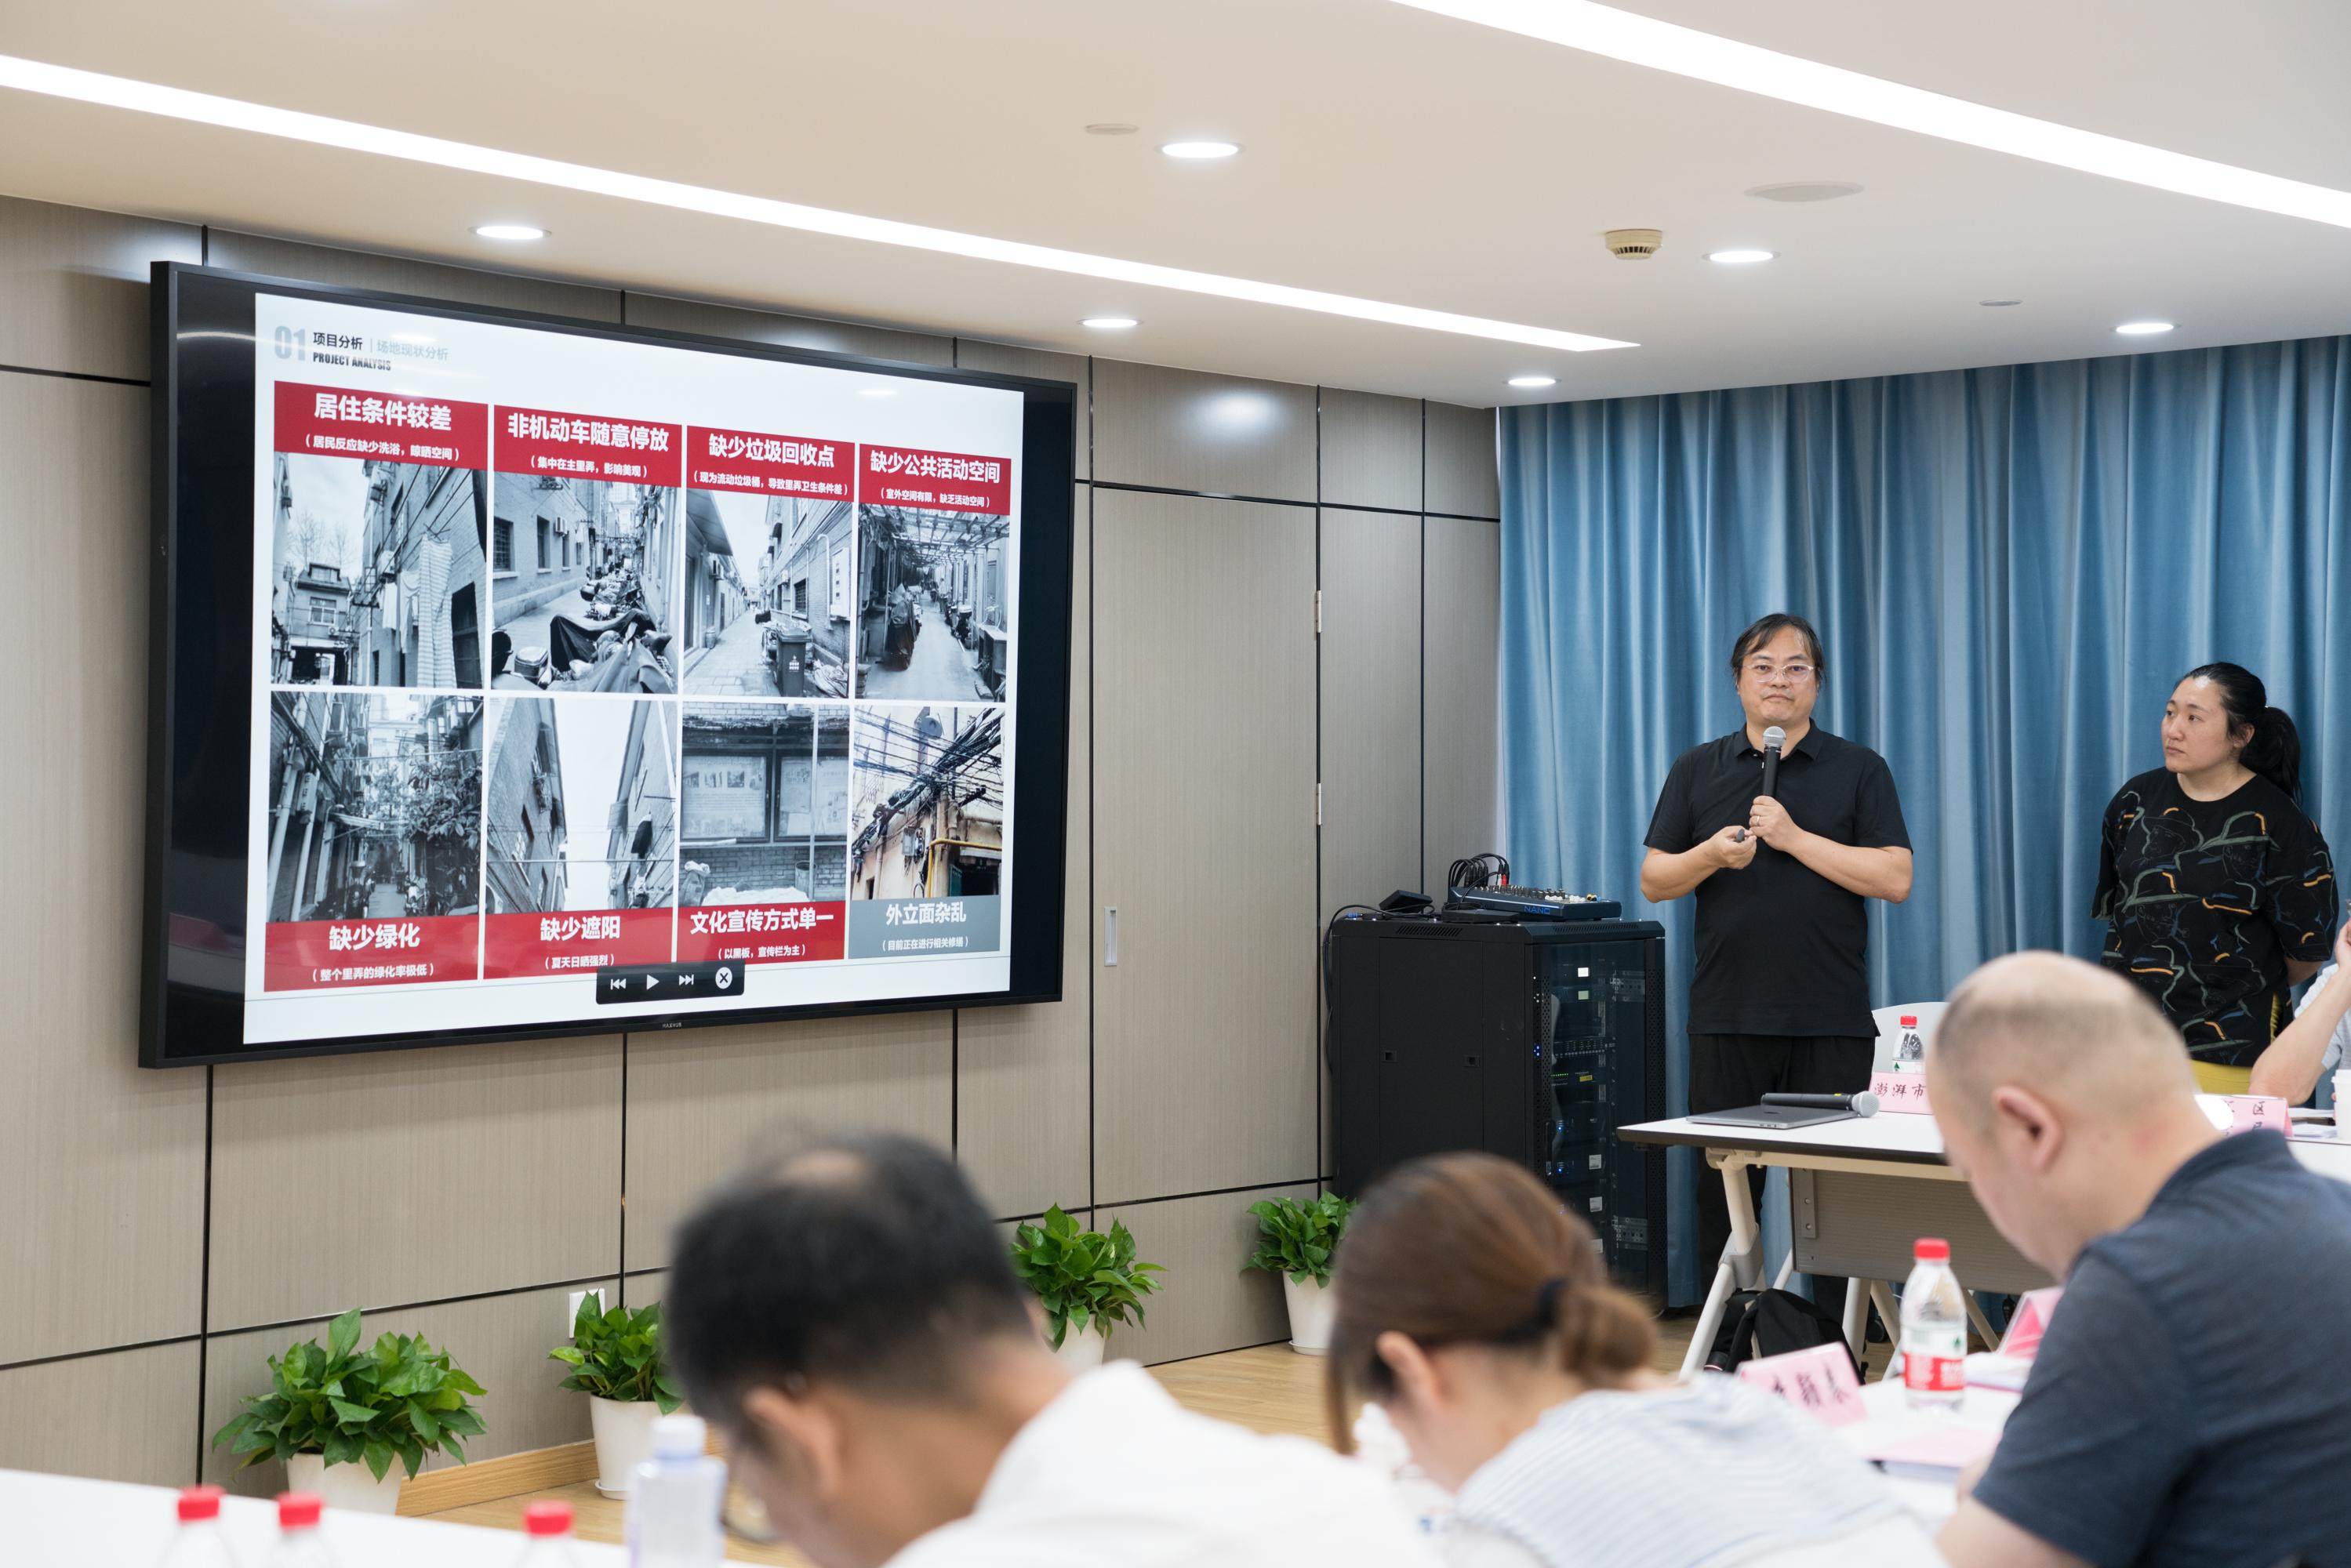 上海大小建筑设计事务所有限公司正在汇报。团队成员:李瑶、吴正、高海瑾、项辰、吴增亮、张欢奇等;组长:李瑶。